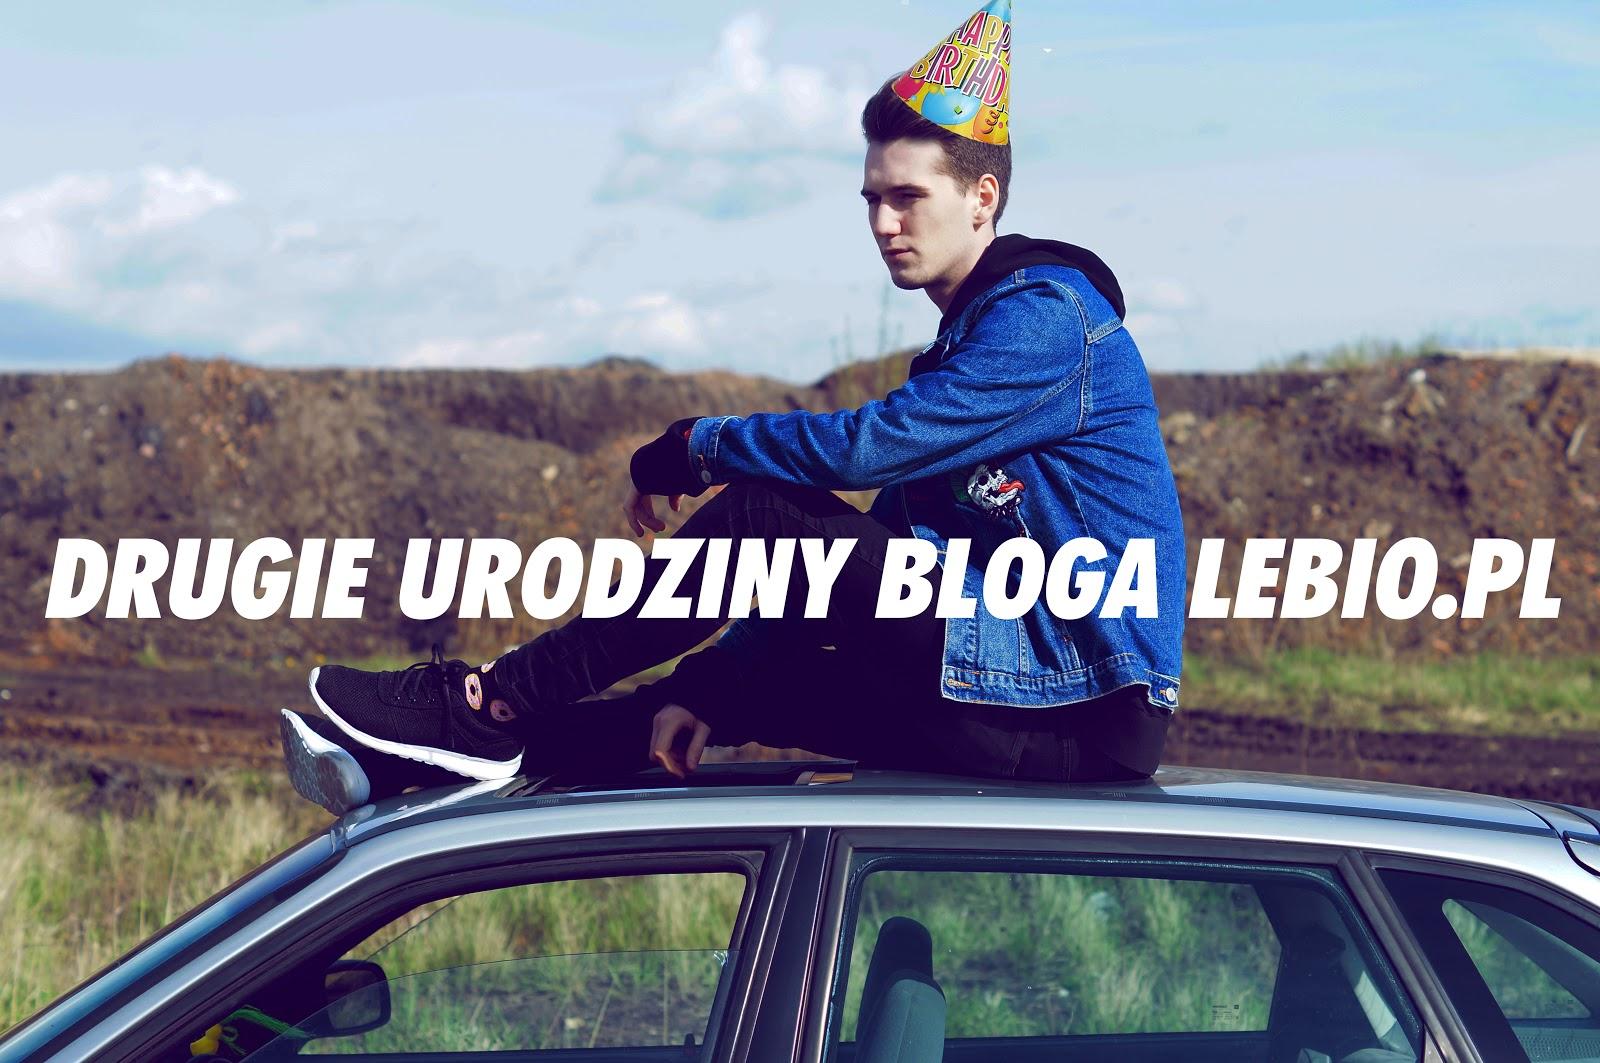 Drugie urodziny bloga Lebio.pl